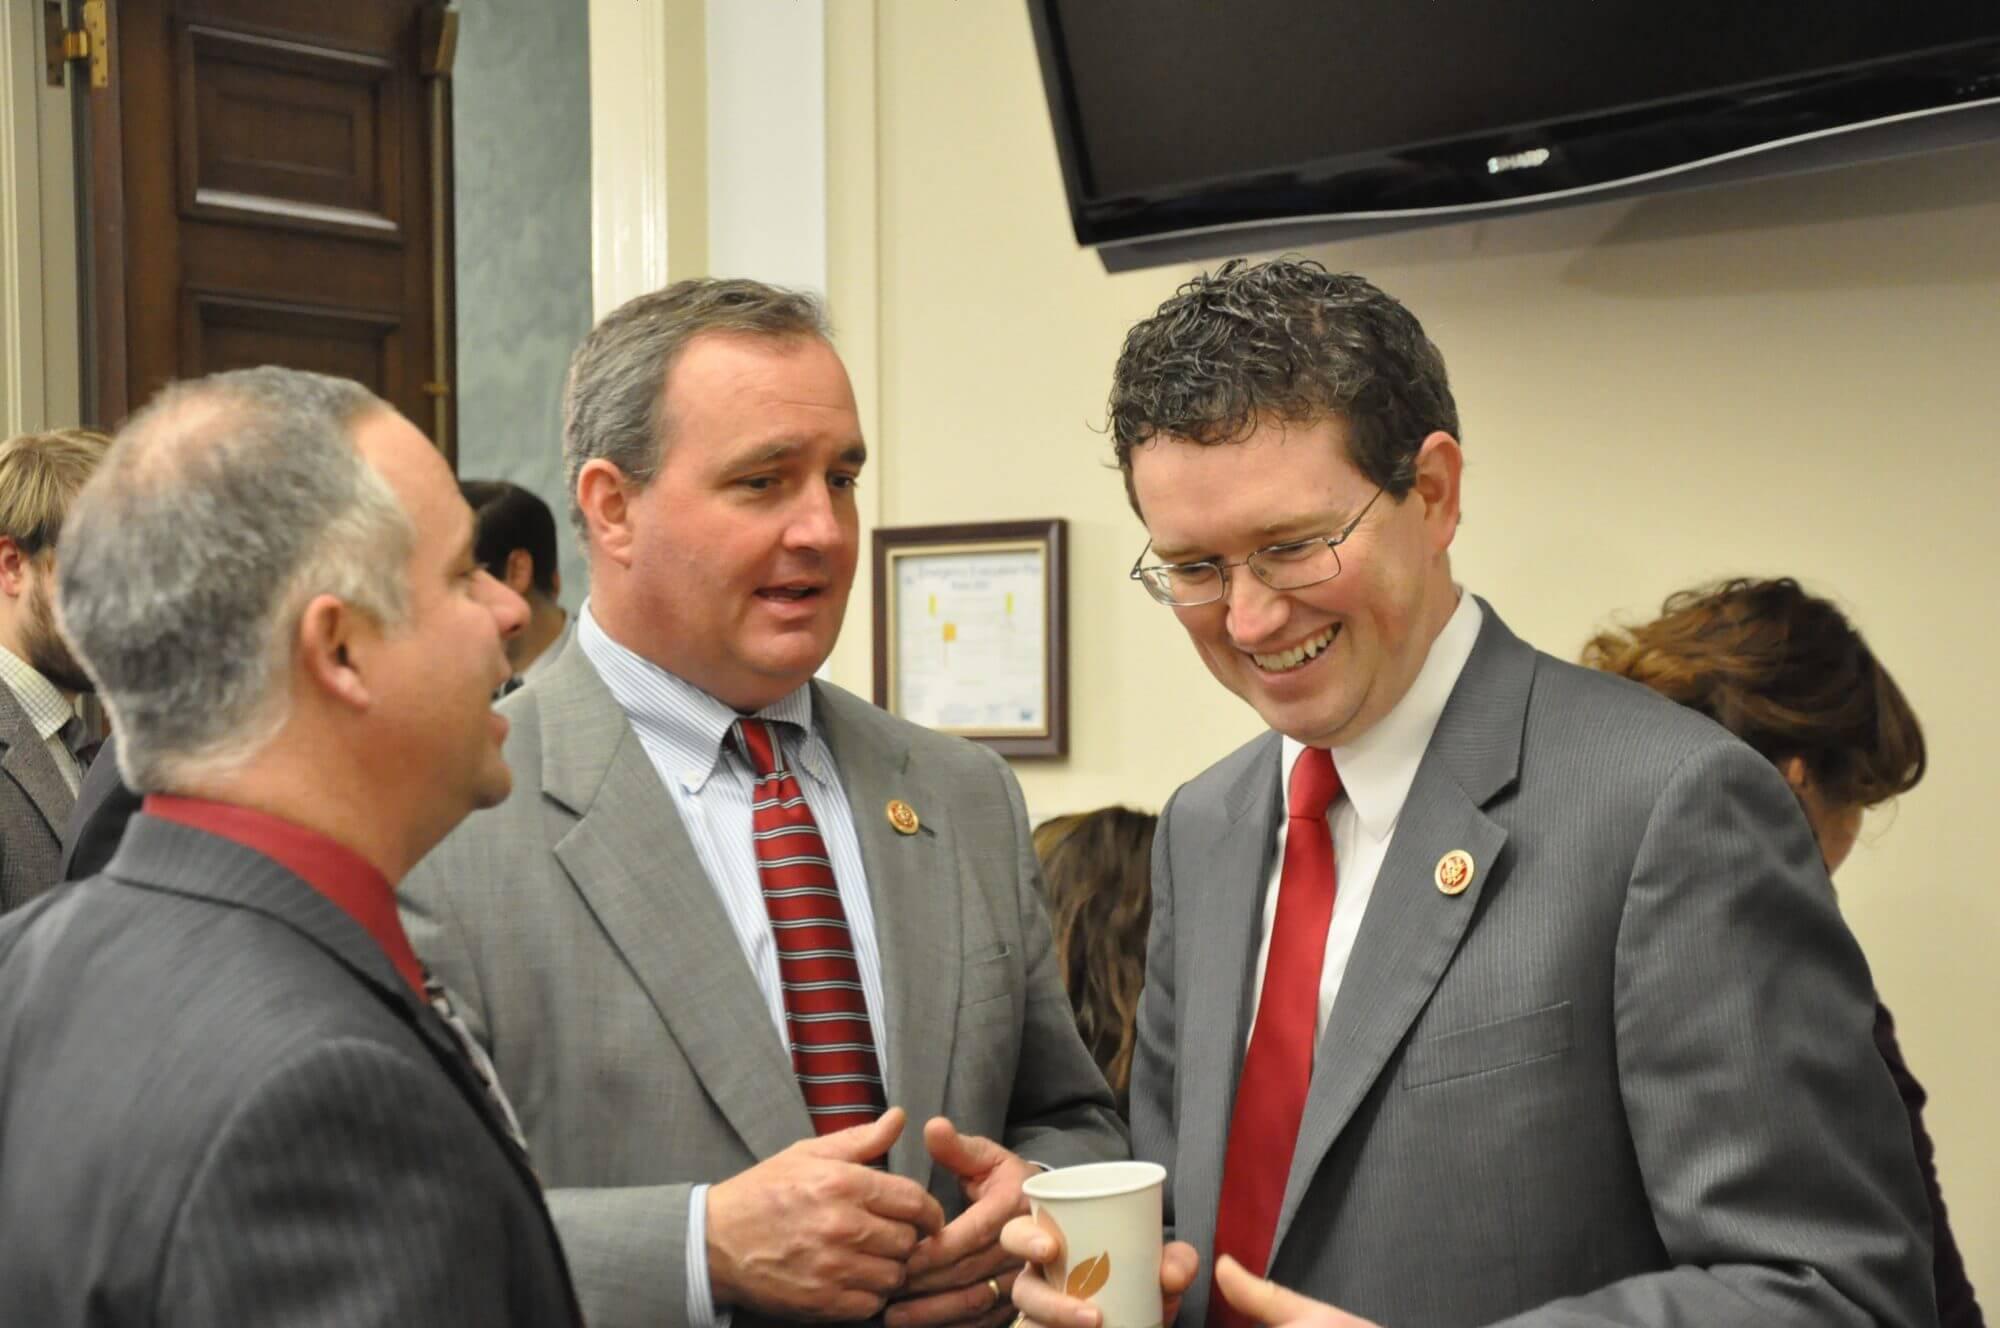 House Republicans discuss debt limit, Benghazi